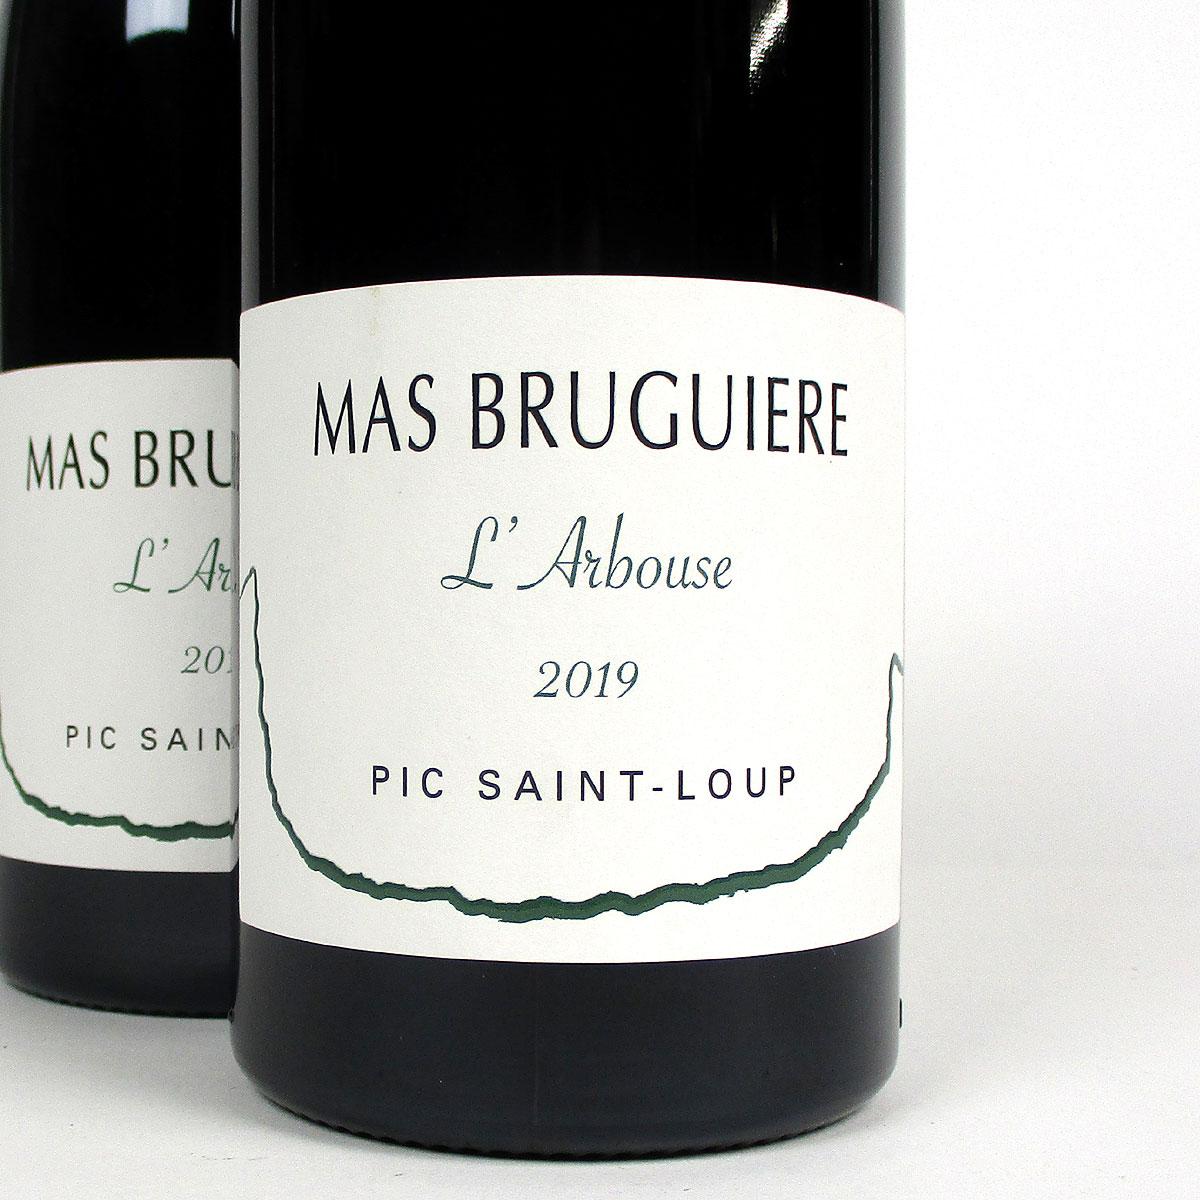 Pic Saint-Loup: Mas Bruguière 'l'Arbouse' 2019